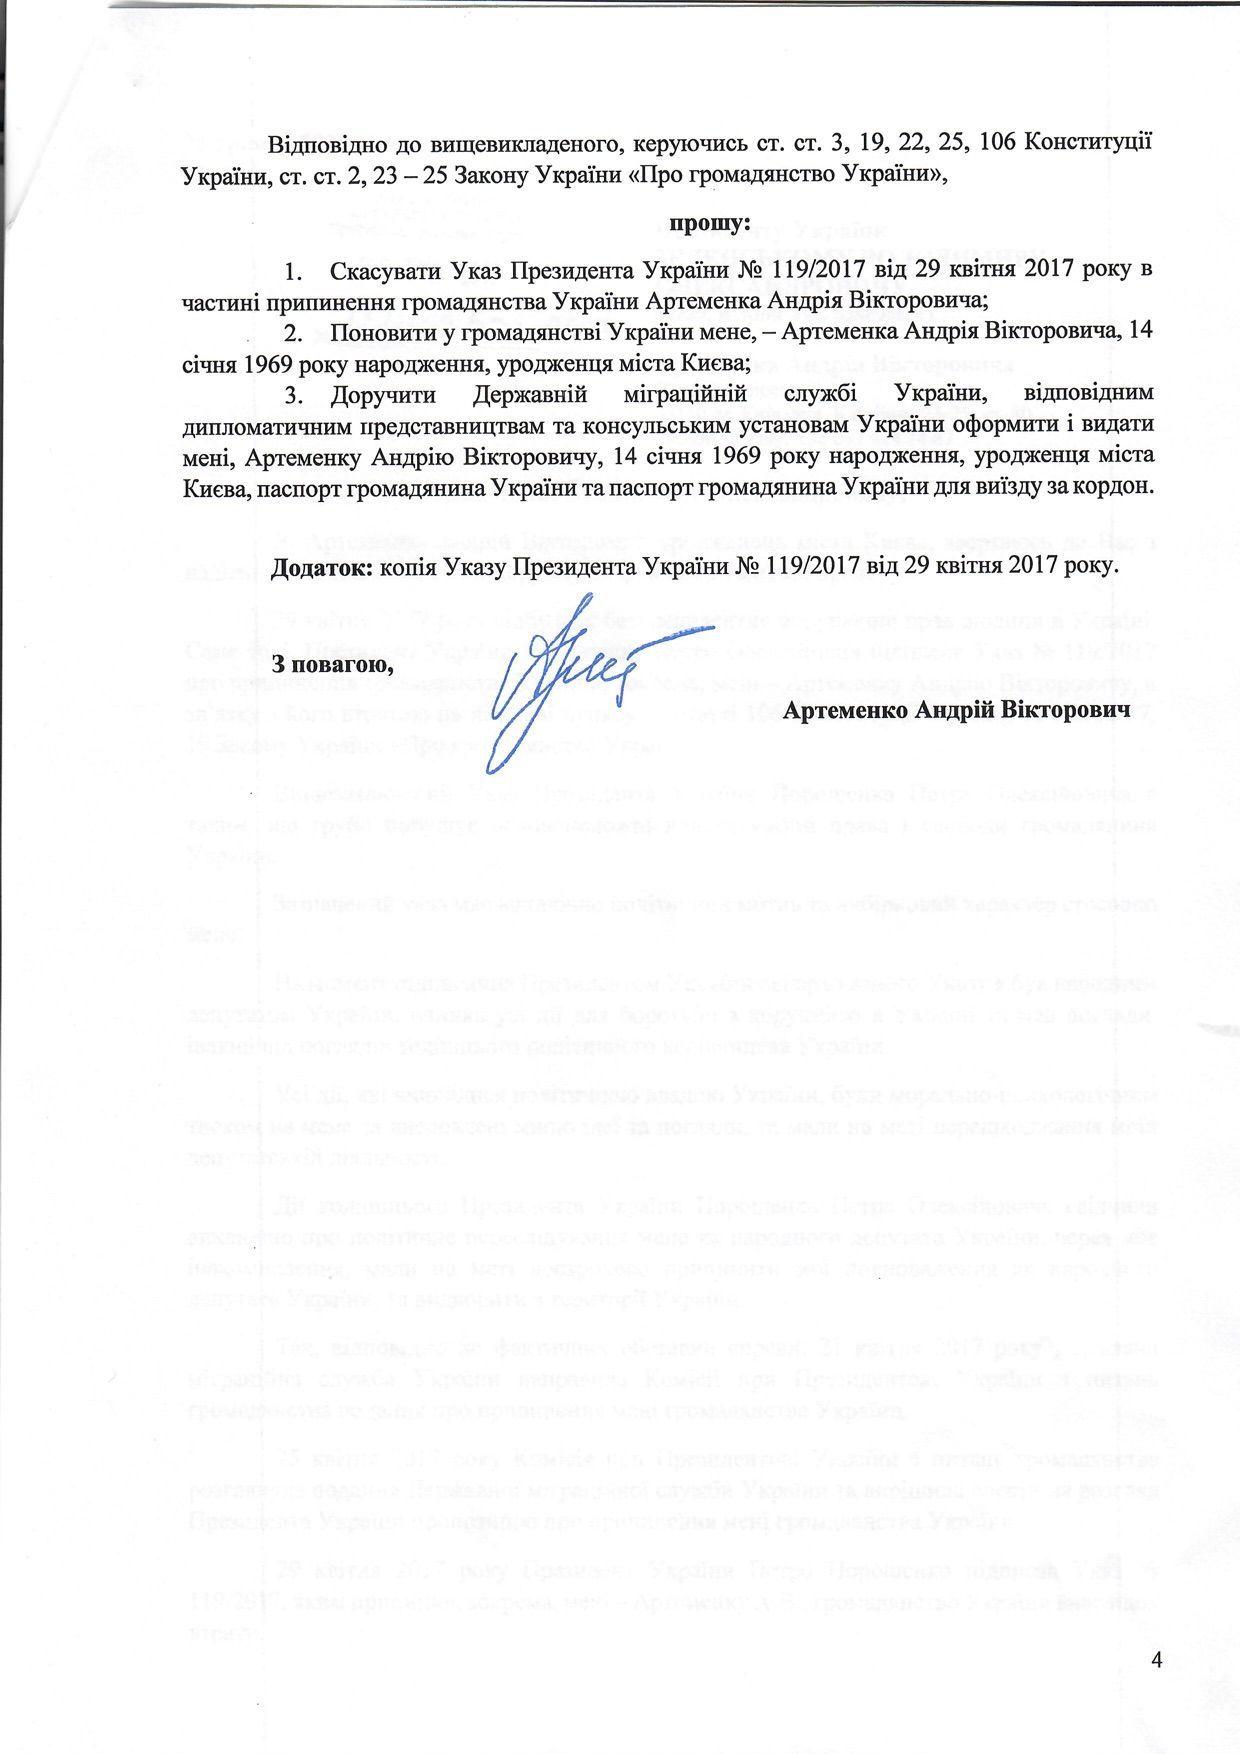 лист Артеменка про громадянство_4